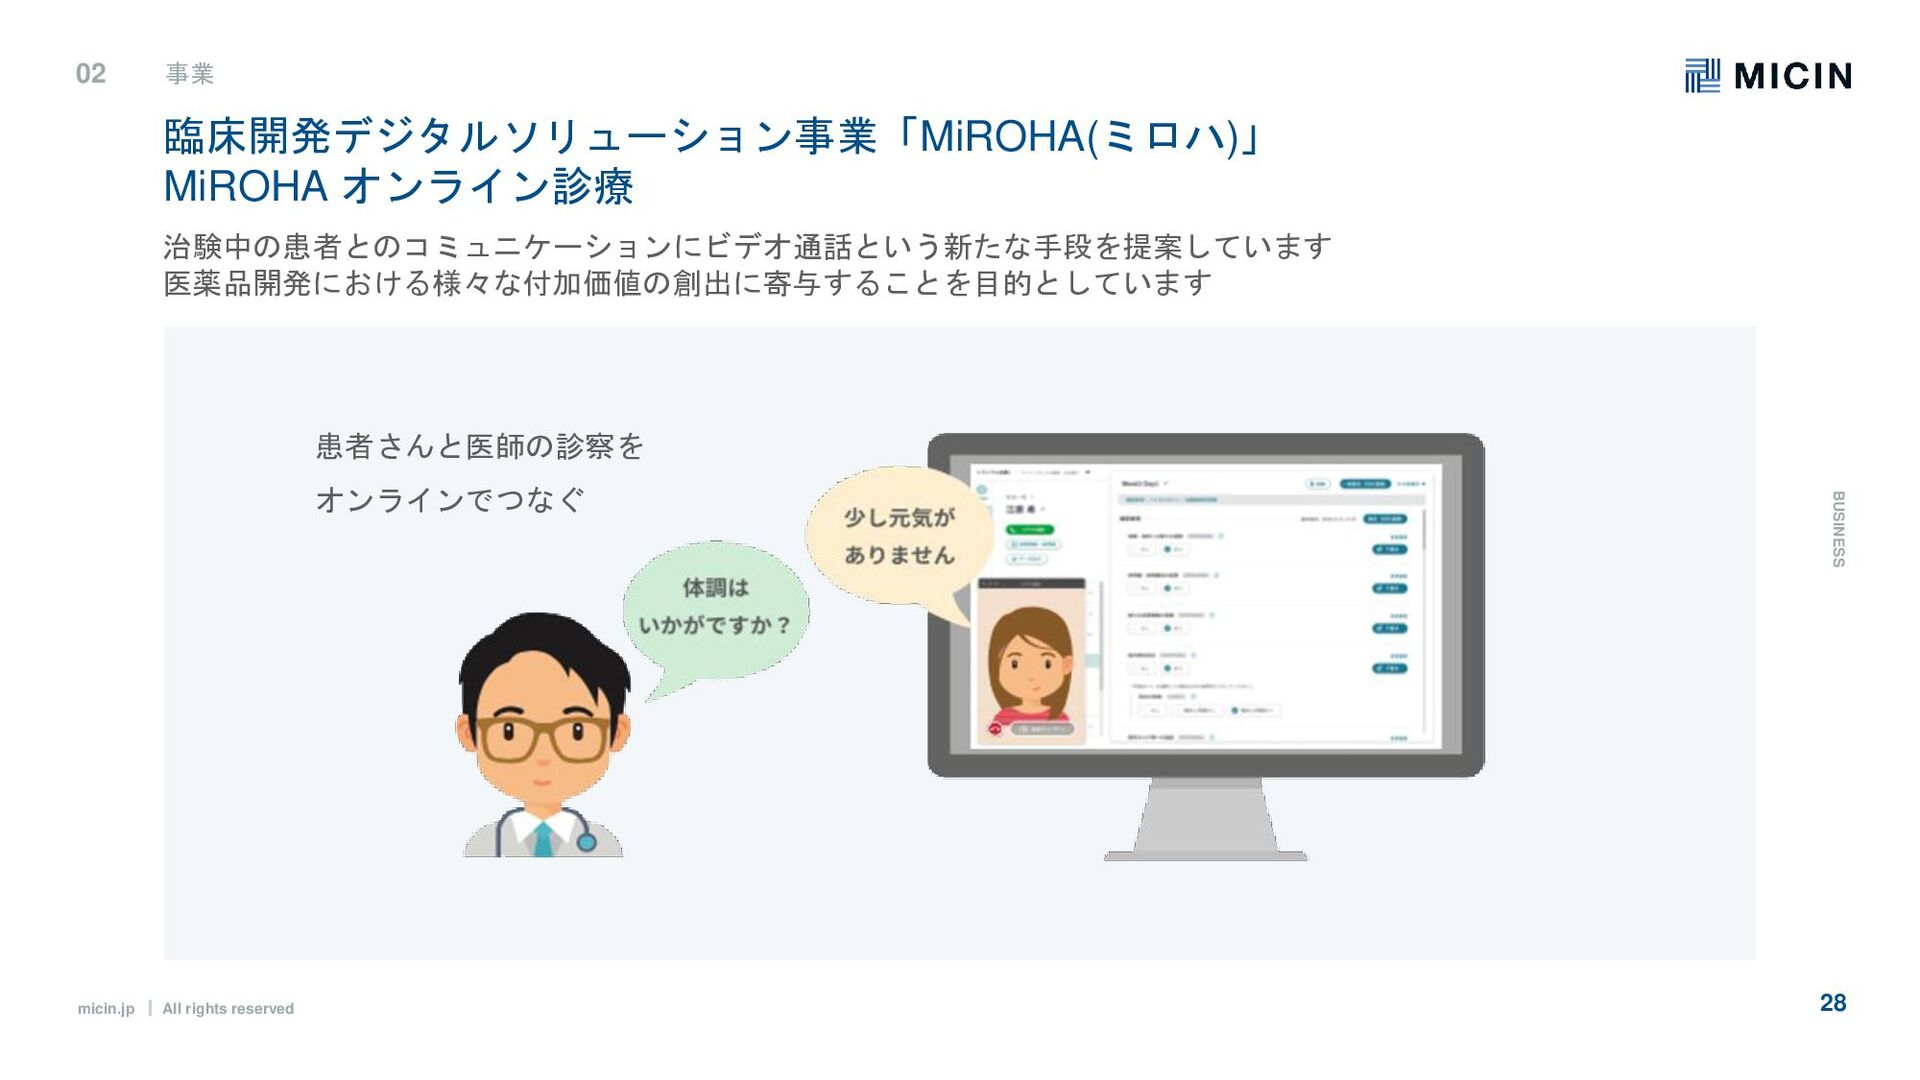 micin.jp ʛ All rights reserved 28 02 事業 B U S I...